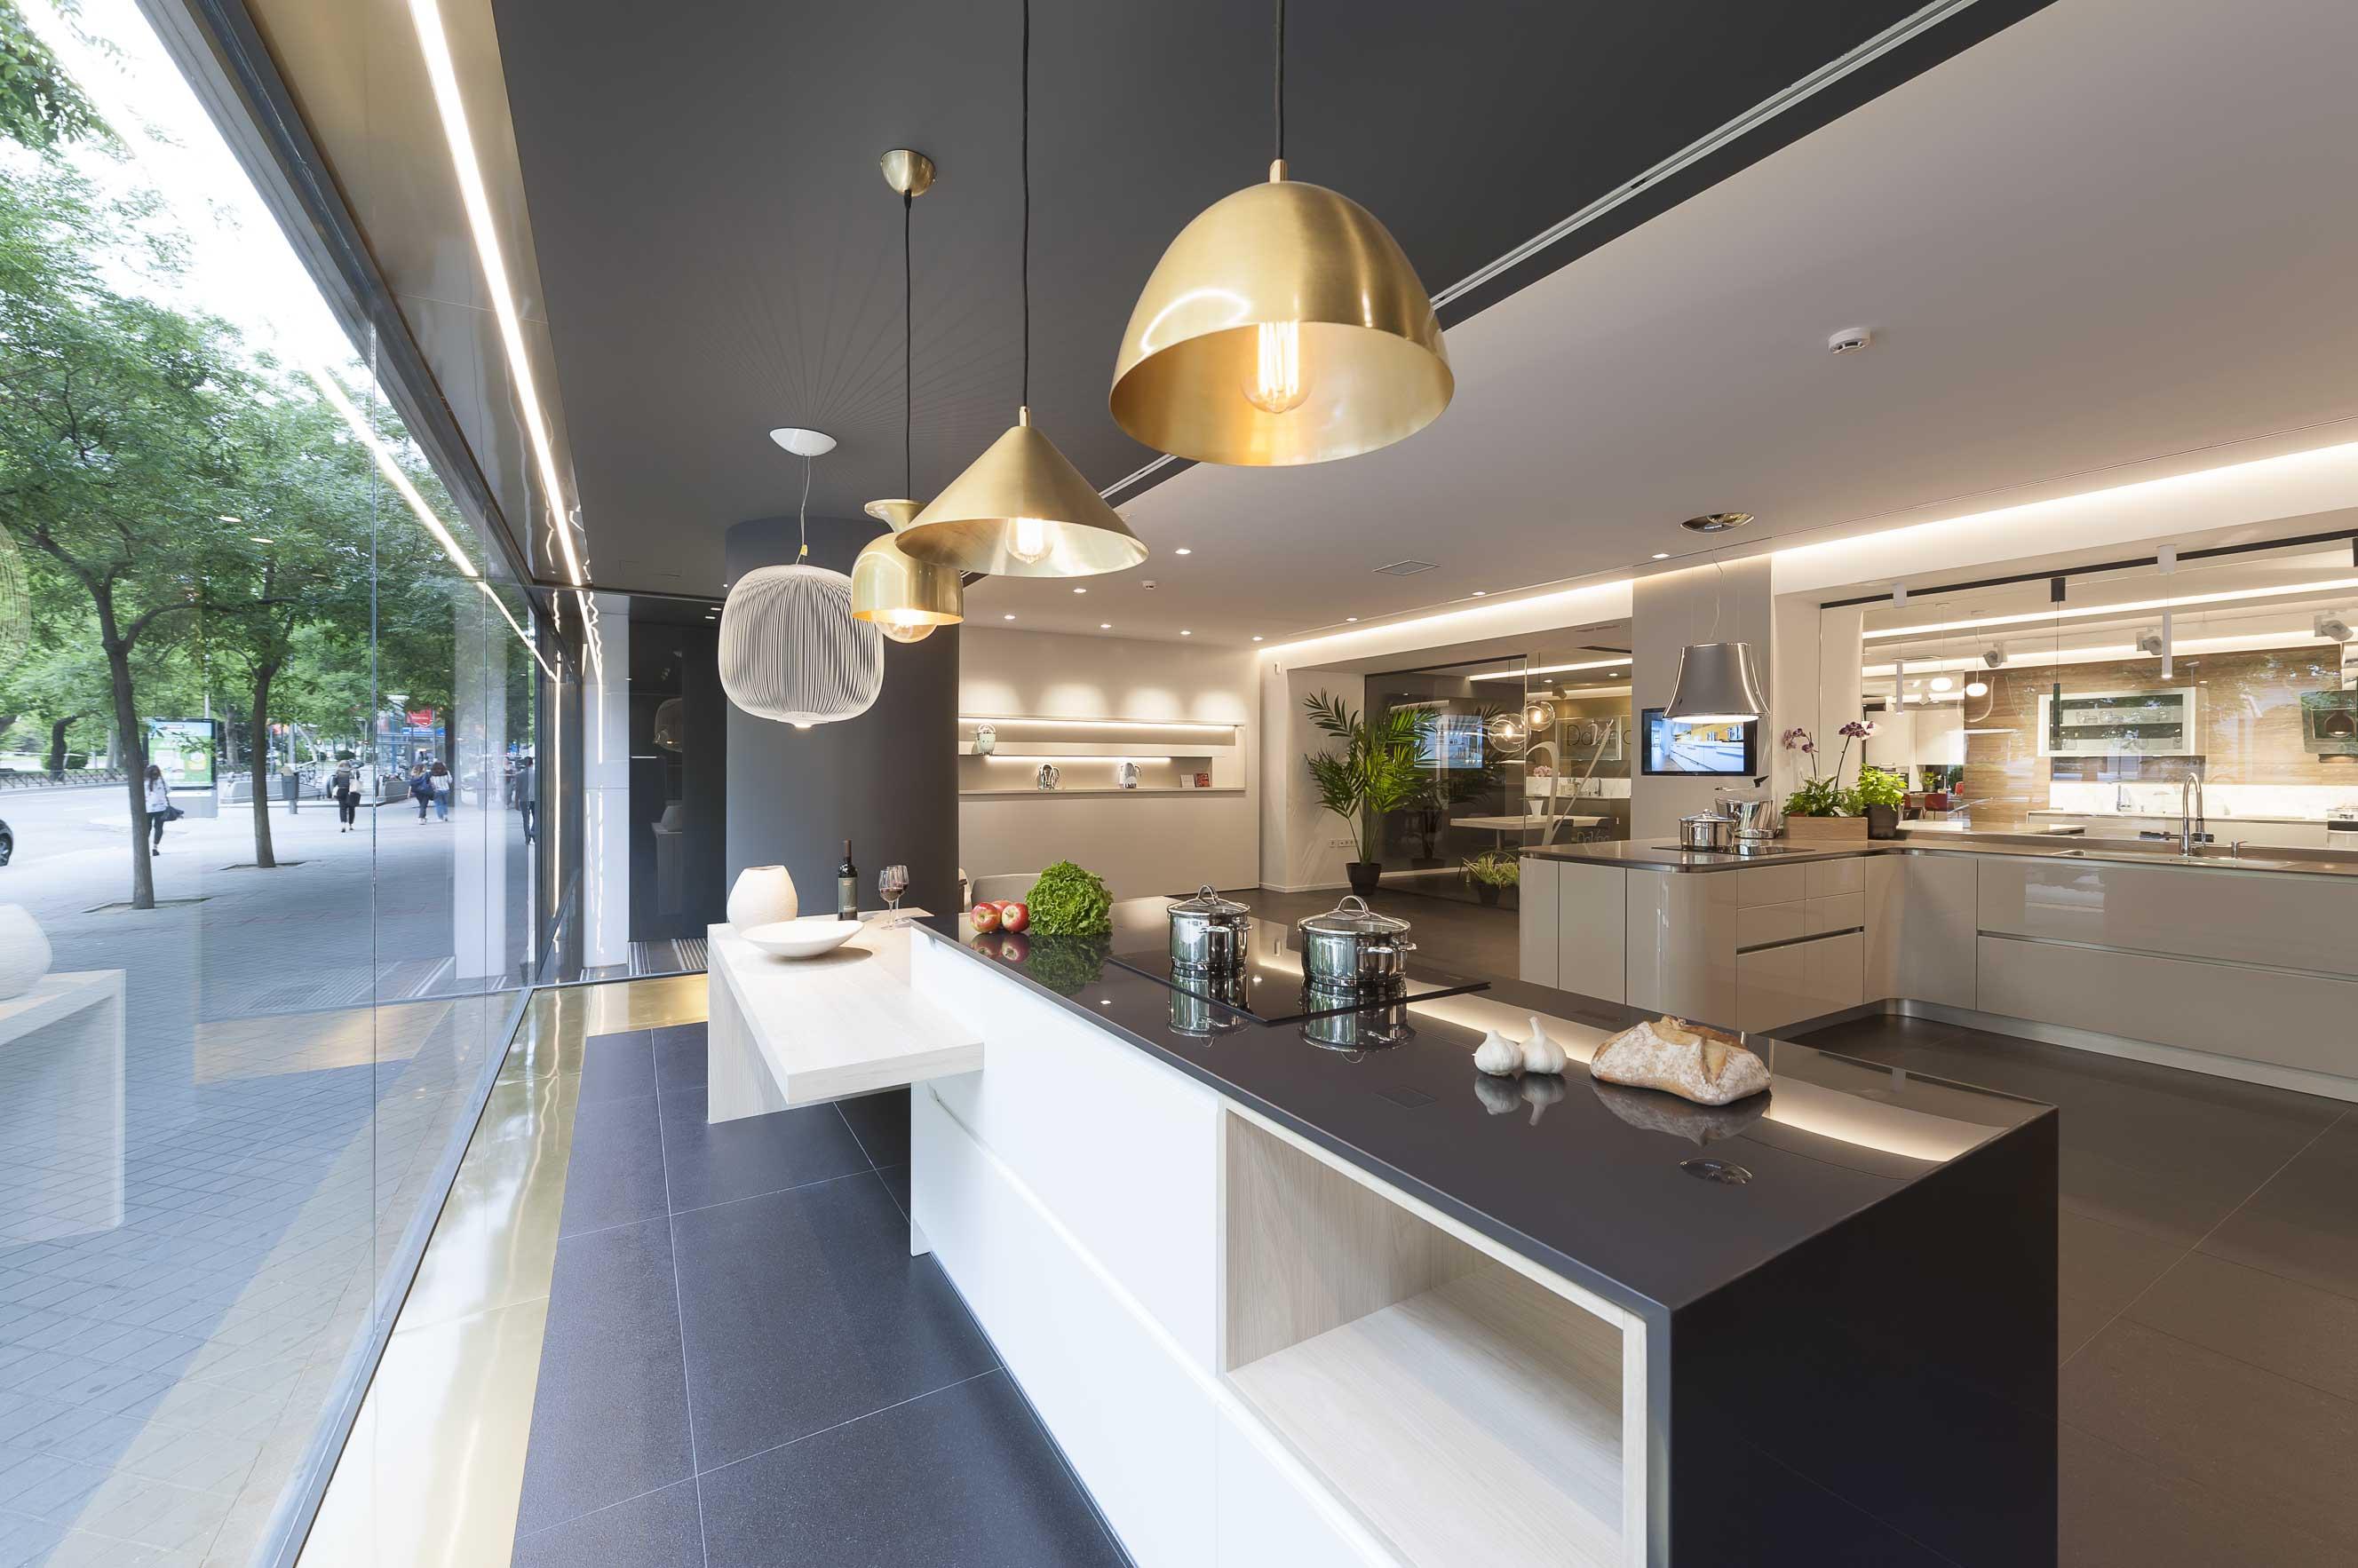 Davinia cocinas y decoraci n mobiliario de cocina en madrid for Grupo europa muebles